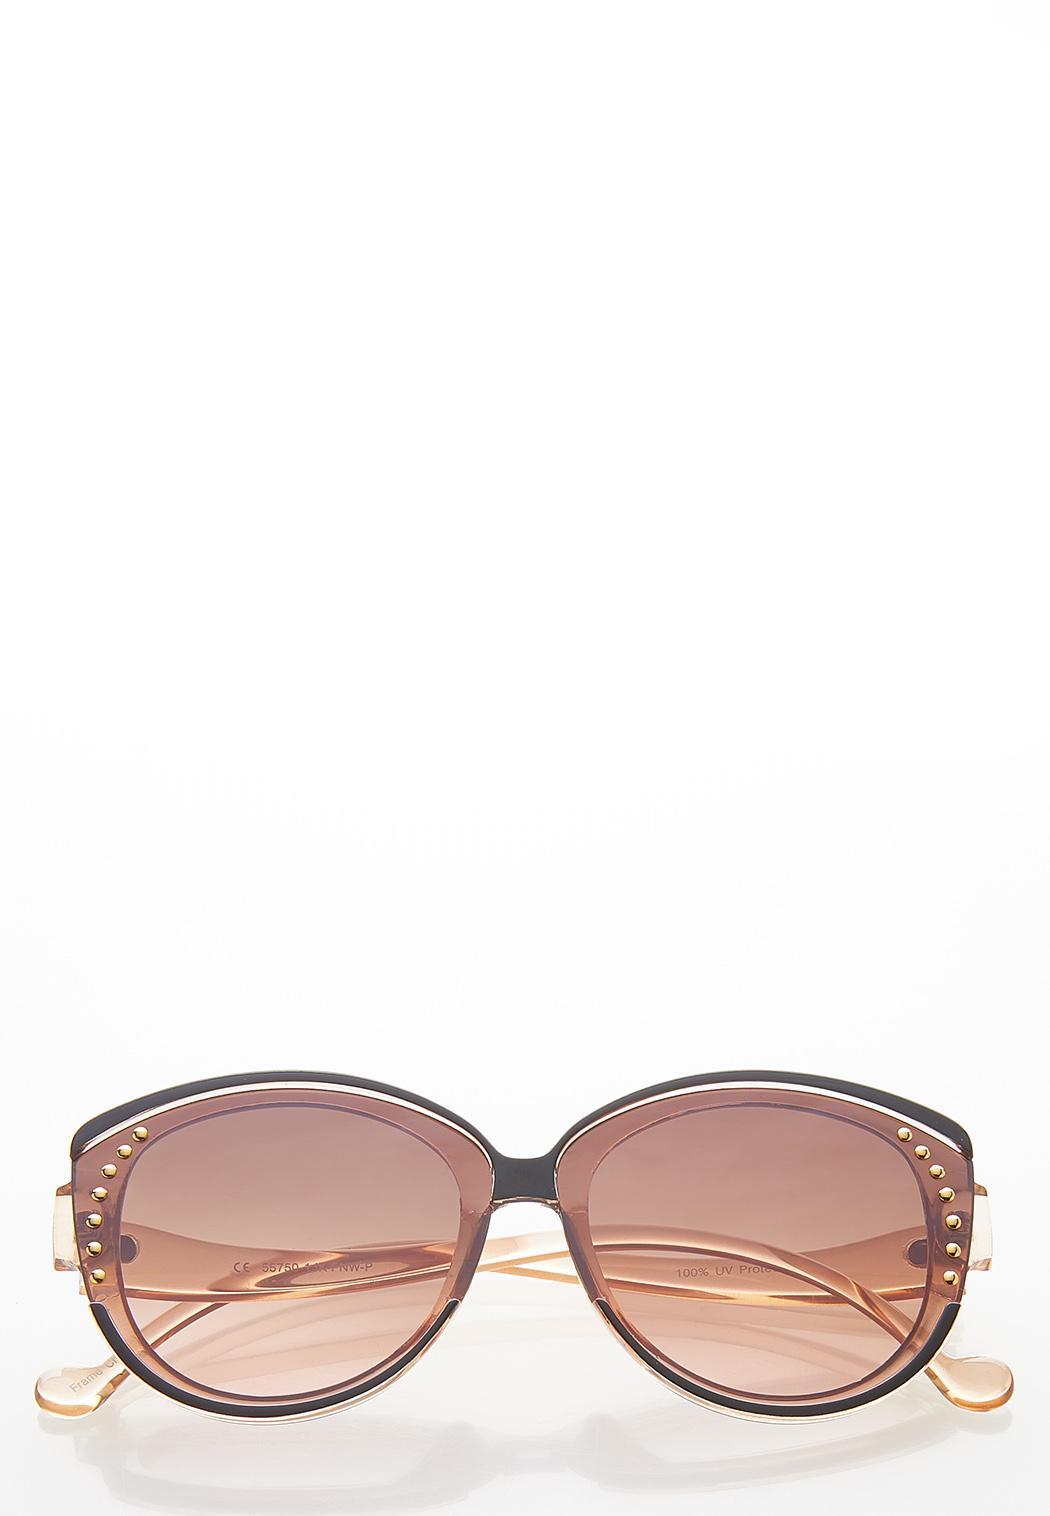 Myles Embellished Sunglasses